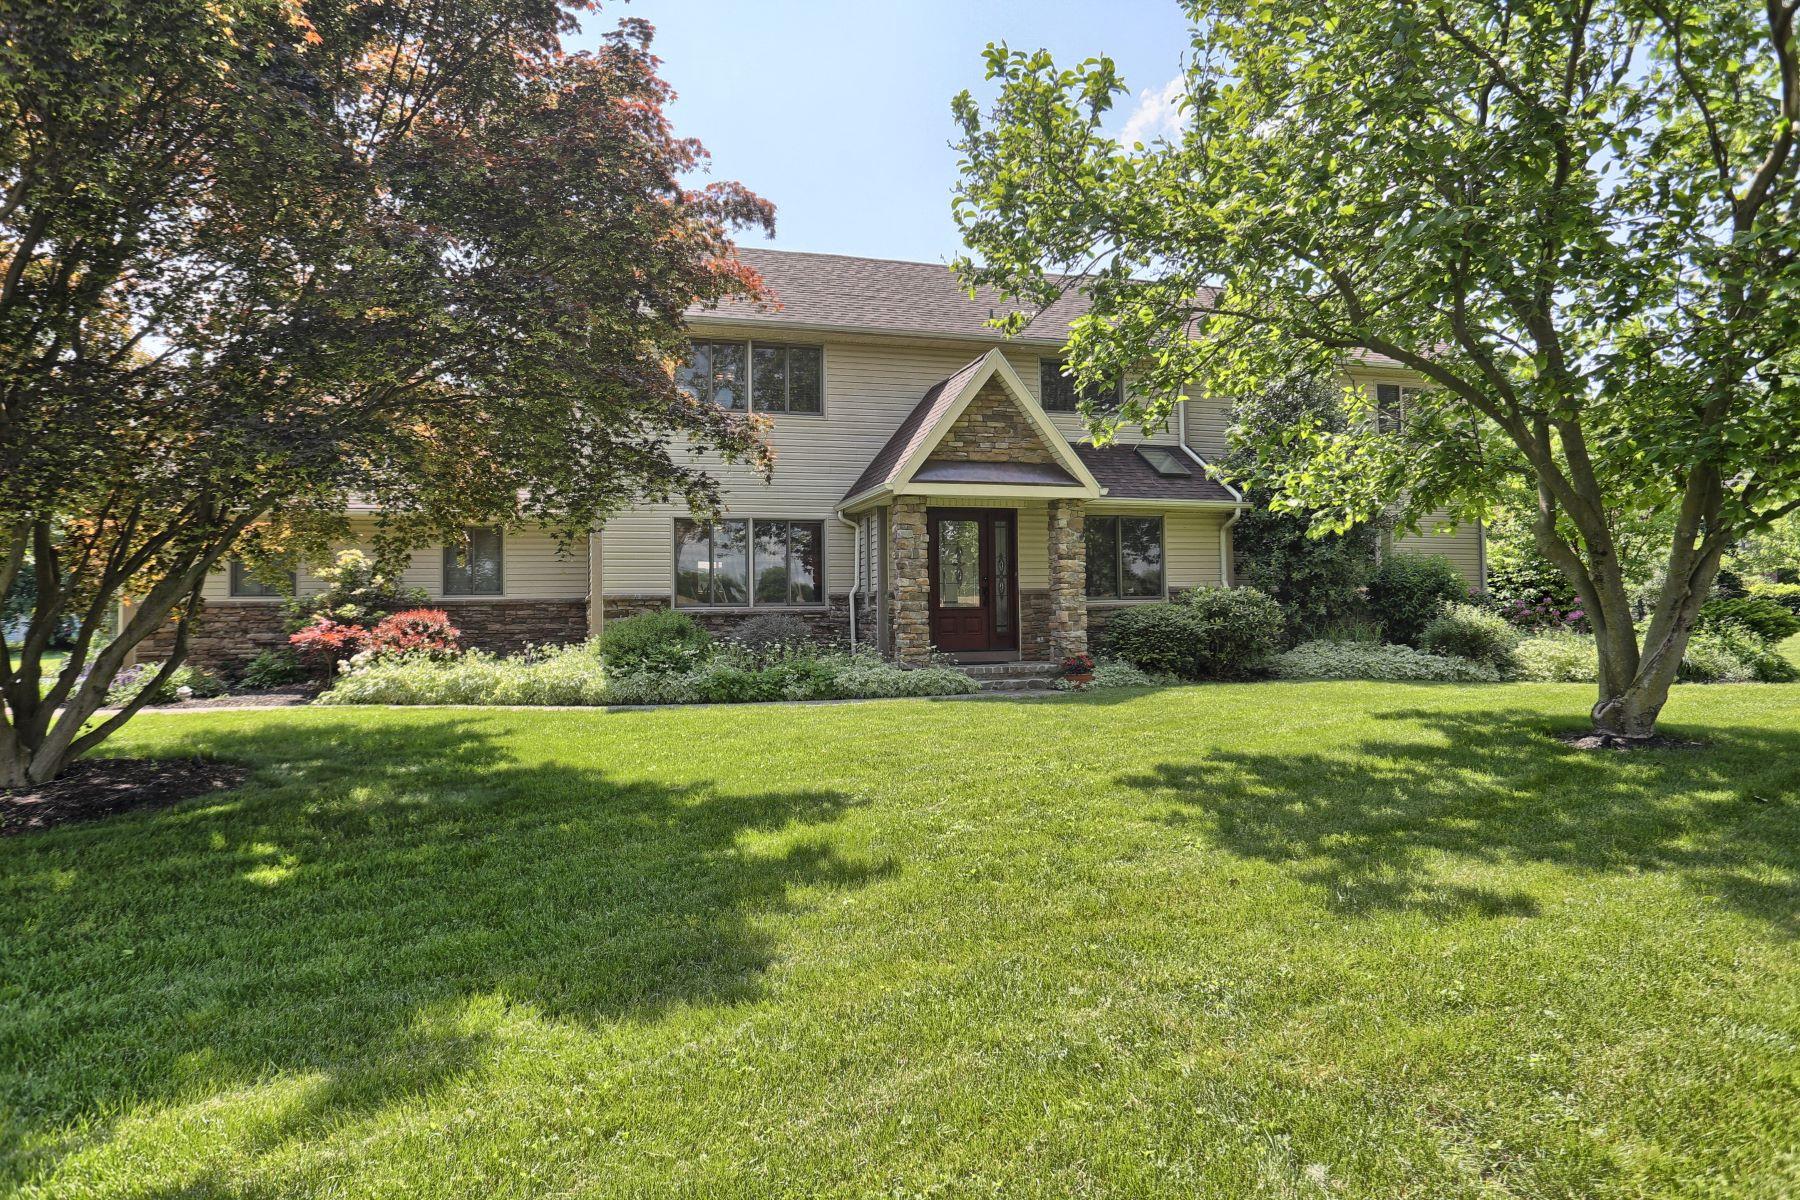 Casa Unifamiliar por un Venta en 300 Koser Road Lititz, Pennsylvania 17543 Estados Unidos